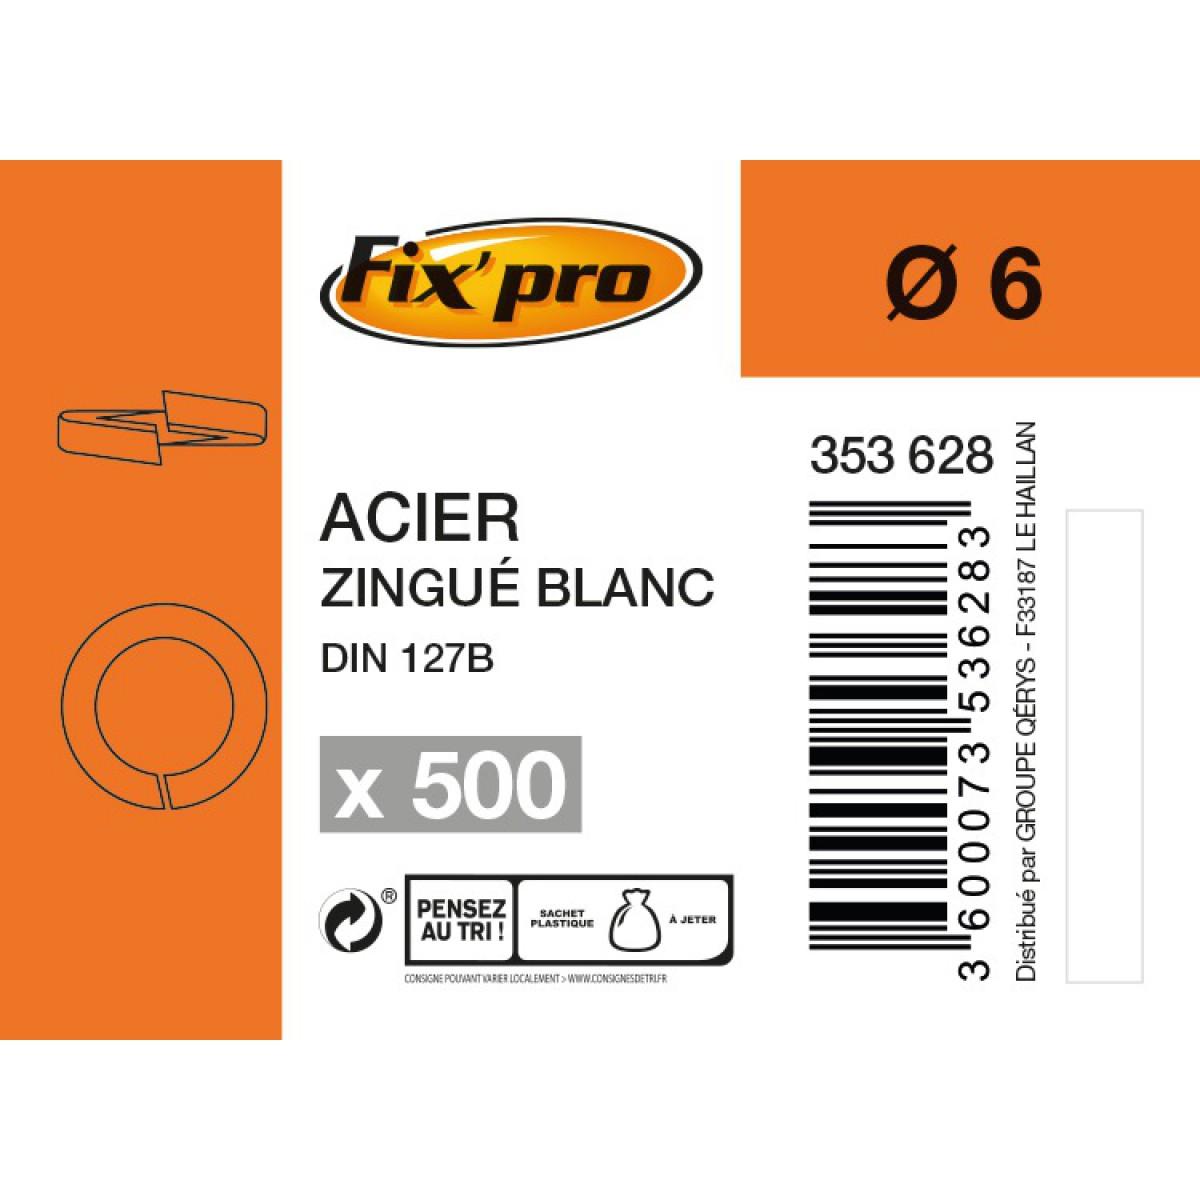 Rondelle ressort acier zingué - Ø6mm - 500pces - Fixpro